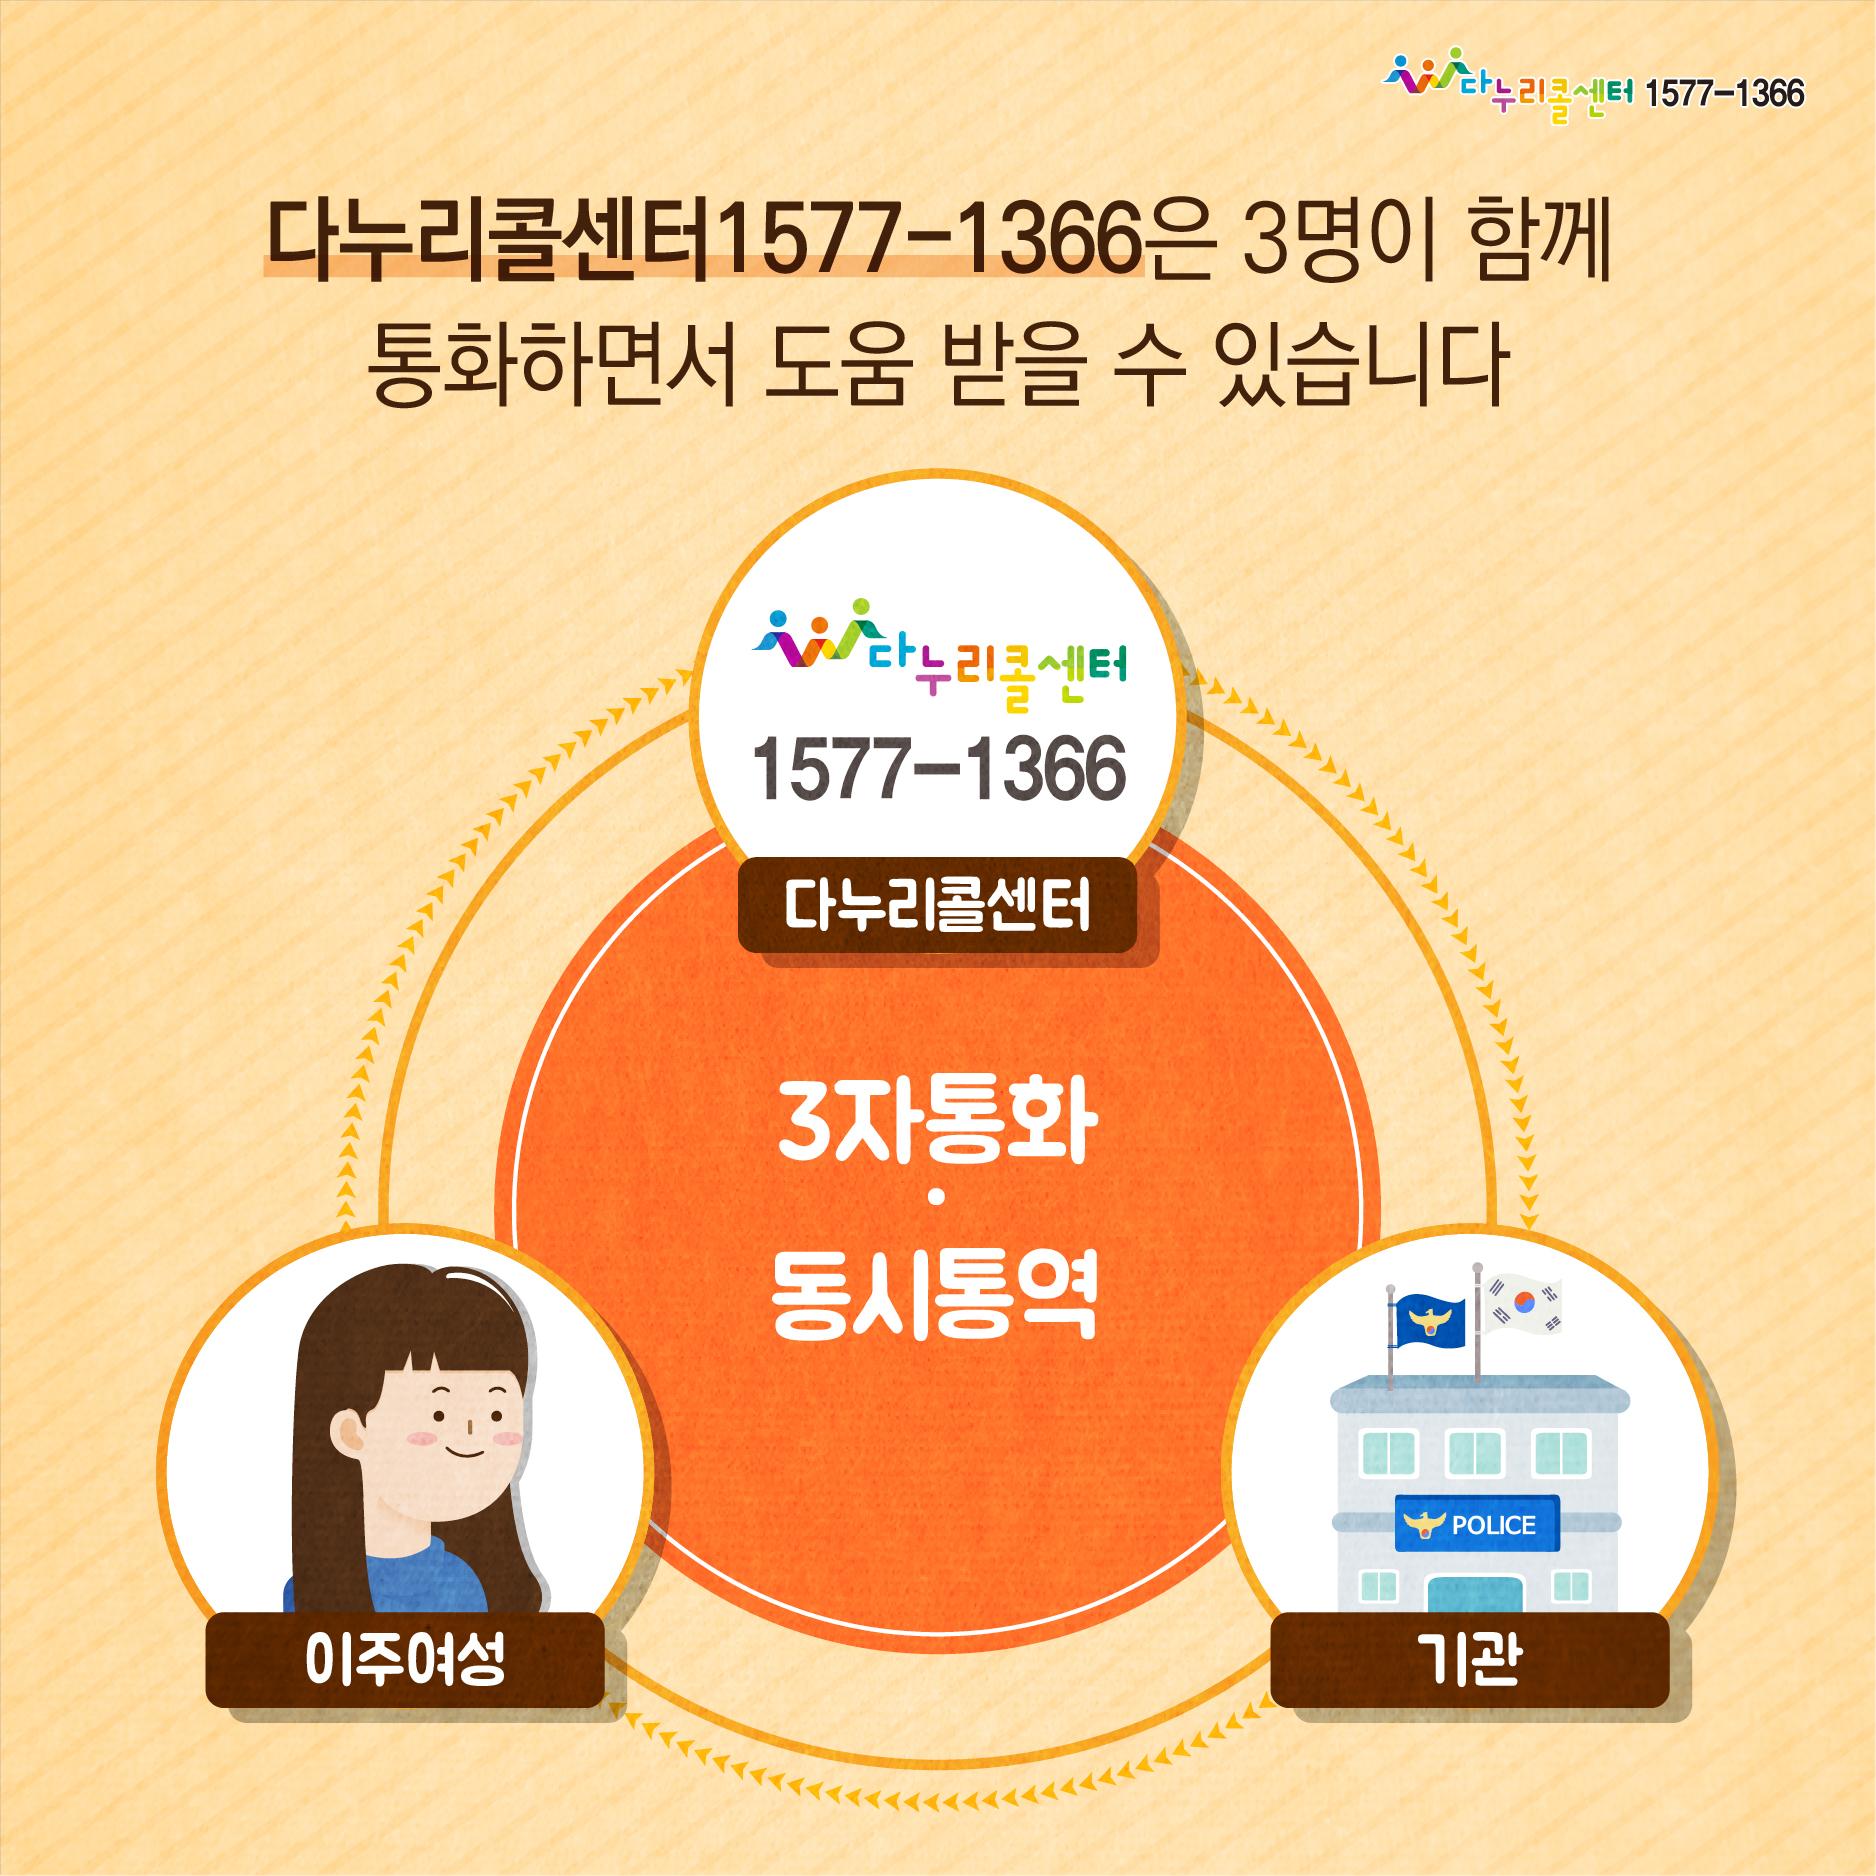 [카드뉴스] 다누리콜센터1577-1366 이주여성 폭력피해 긴급지원 안내(한국어)_6